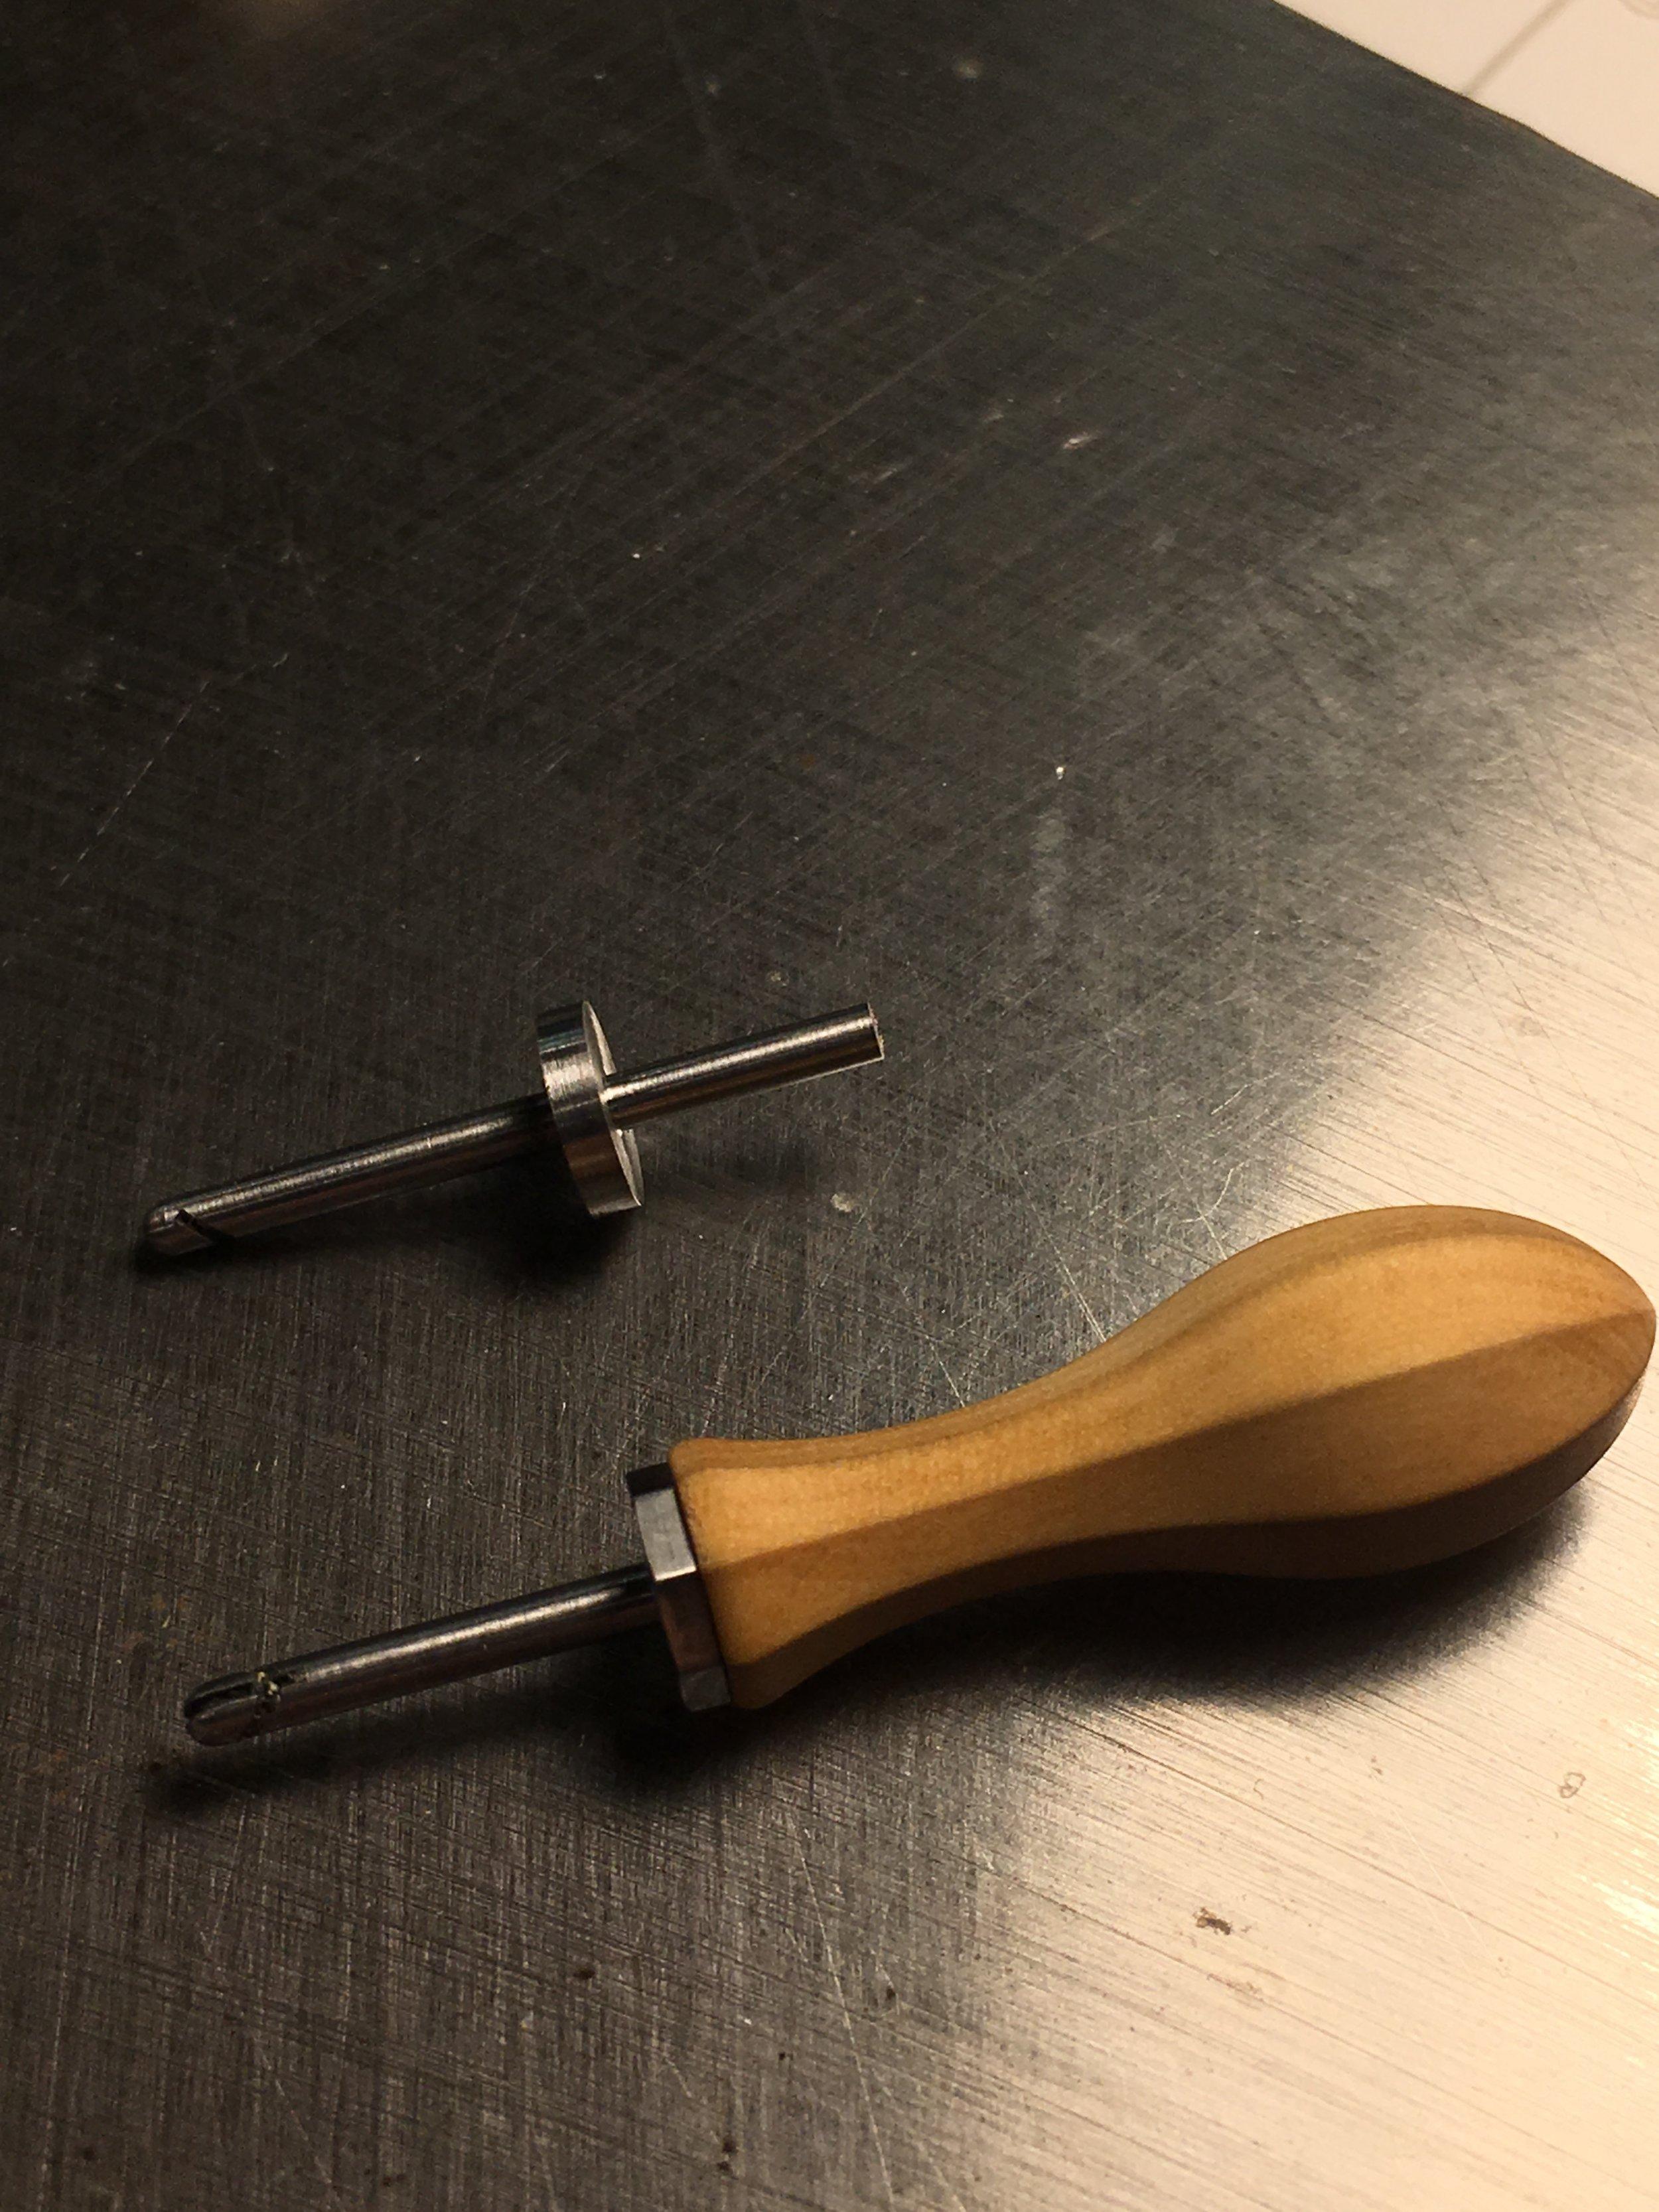 Octagon hardware test piece